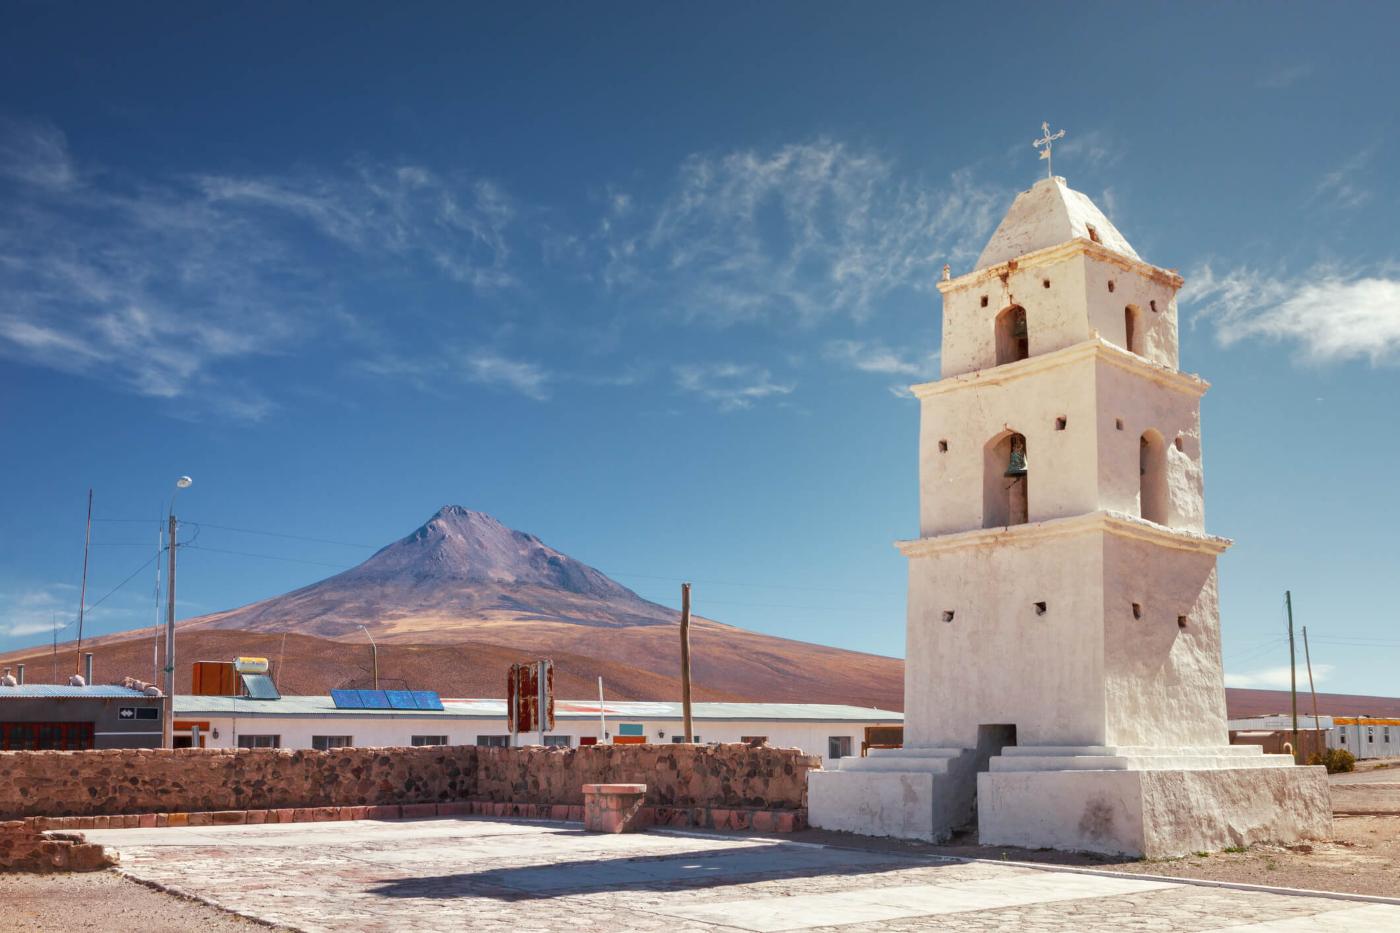 Imagen de una iglesia en la Región de Tarapacá